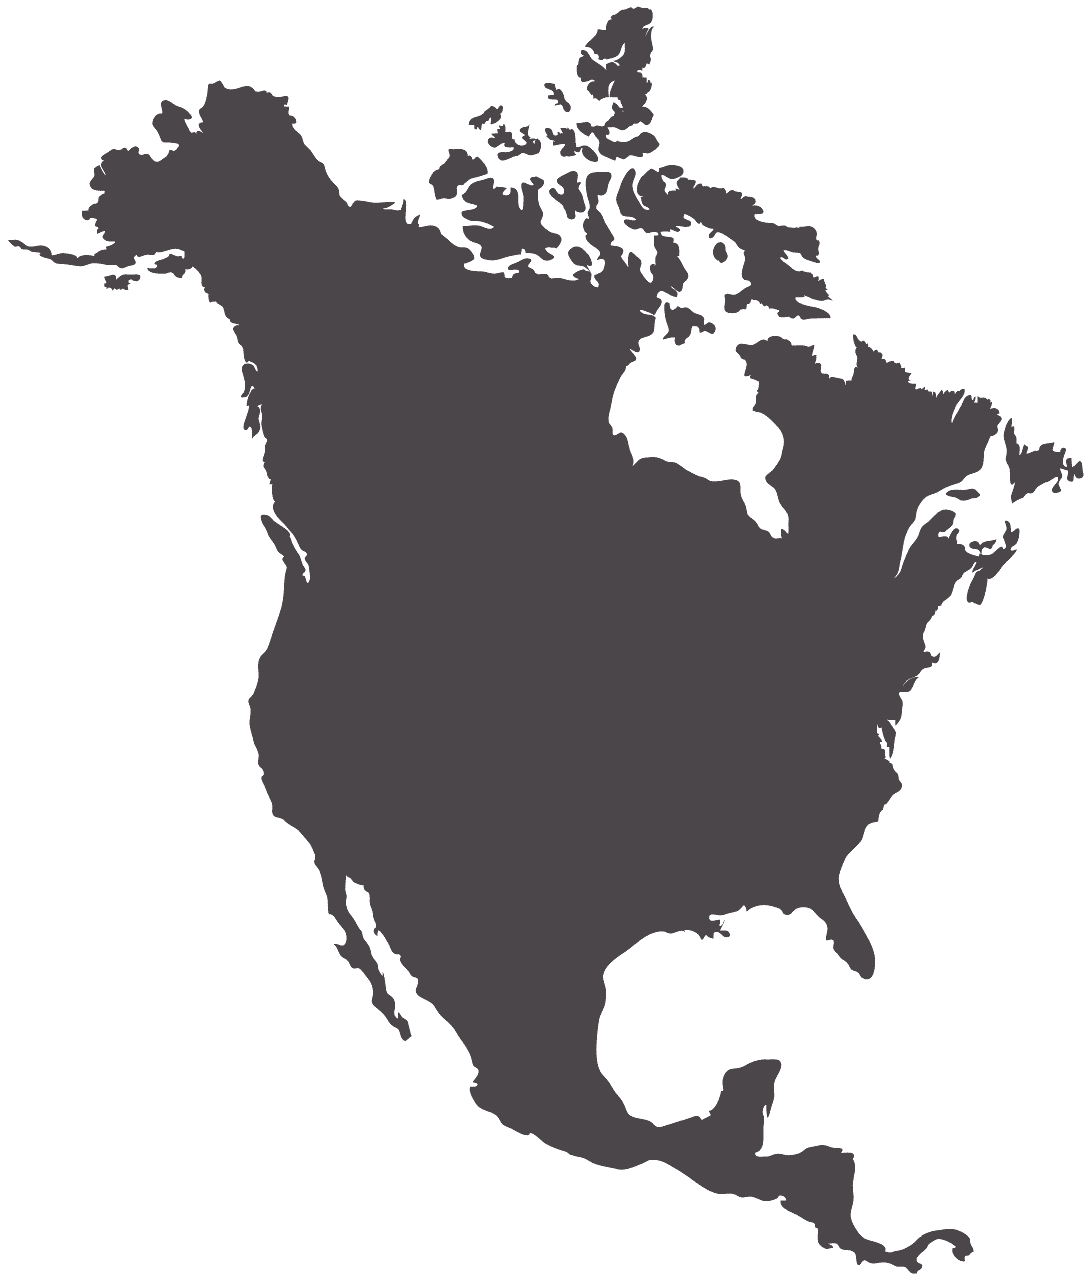 свободна картинки материков земли по отдельности северная америка обязательно иметь